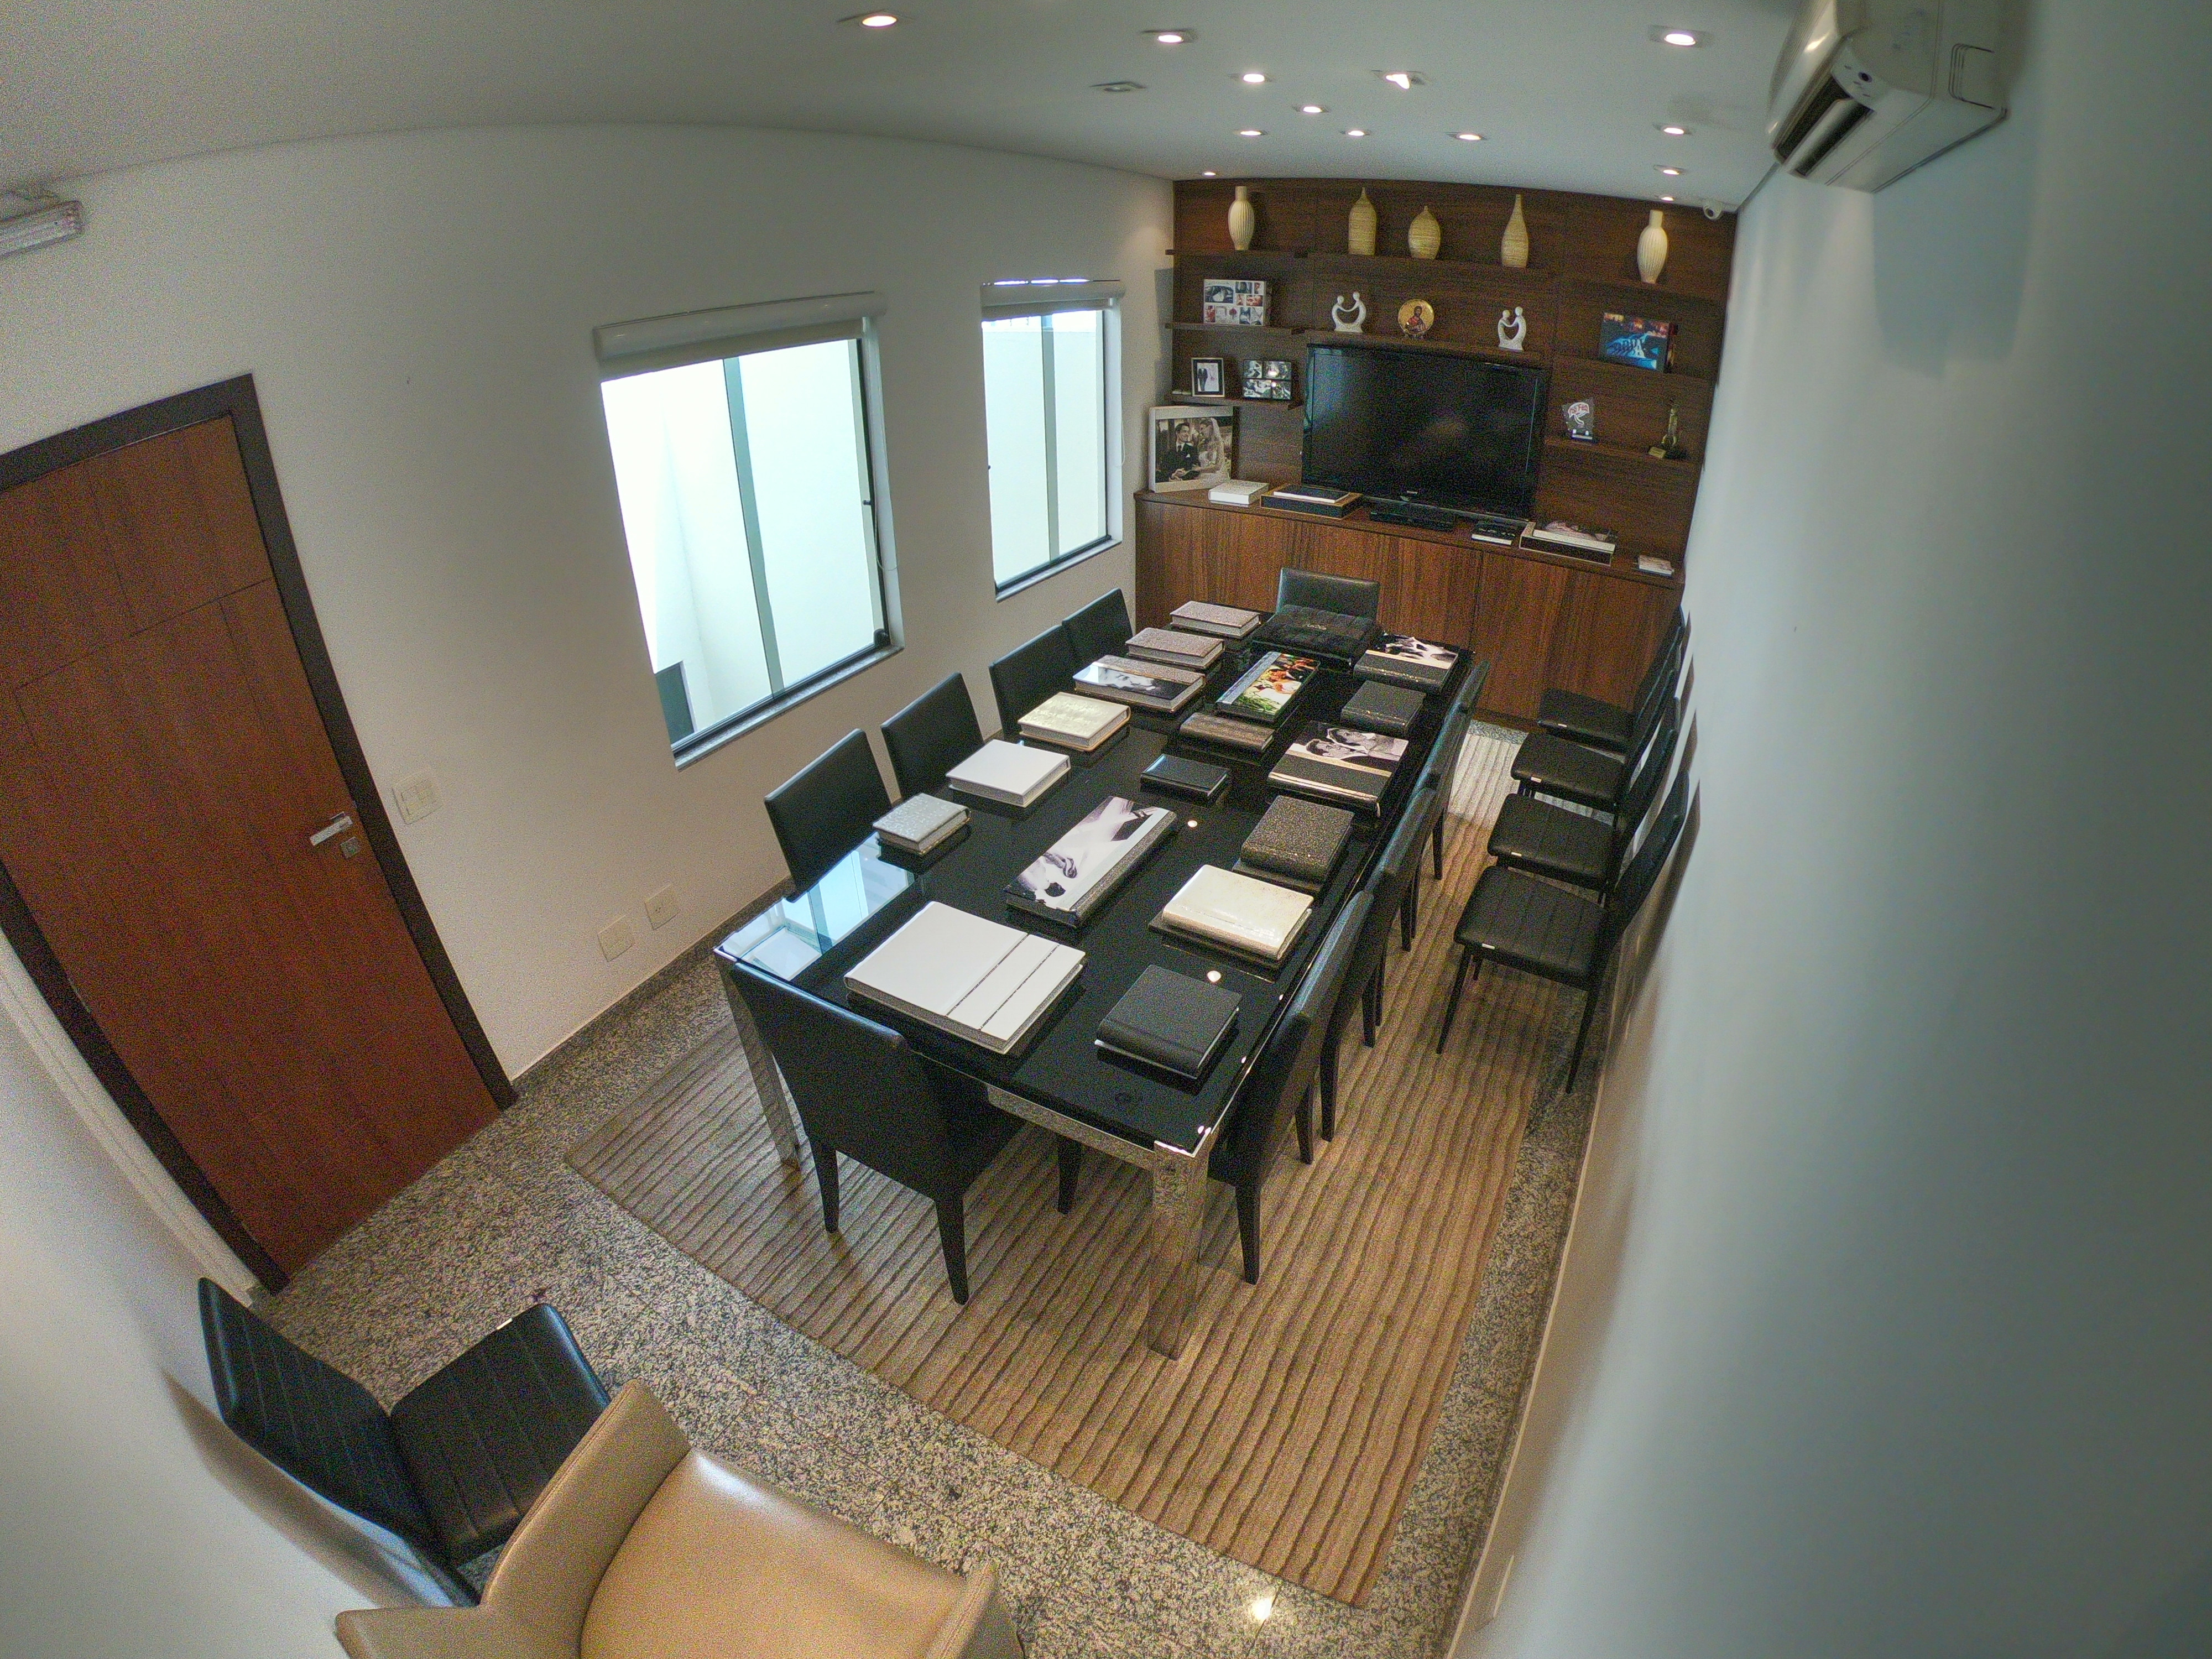 Sala de reunião - 12 pessoas